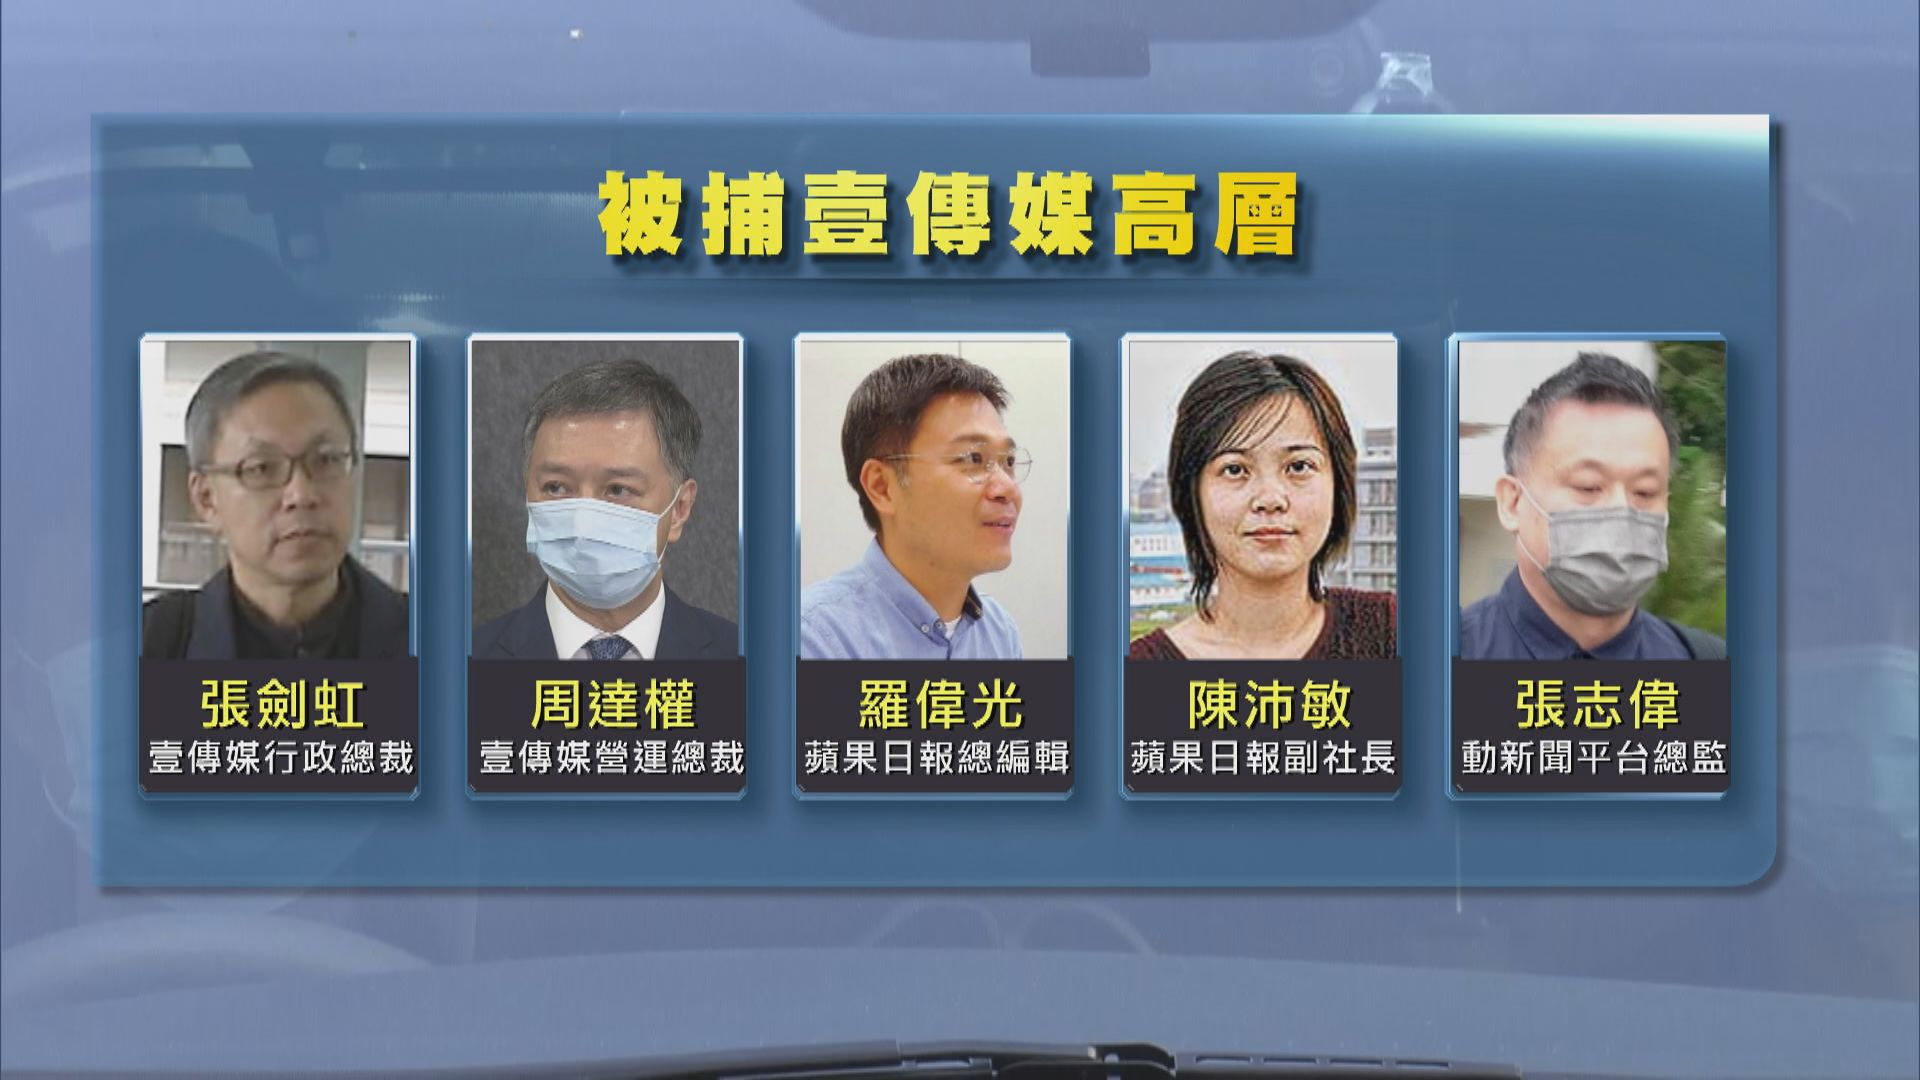 警方:蘋果日報發布數十篇文章要求制裁香港及中國 被捕五人責無旁貸